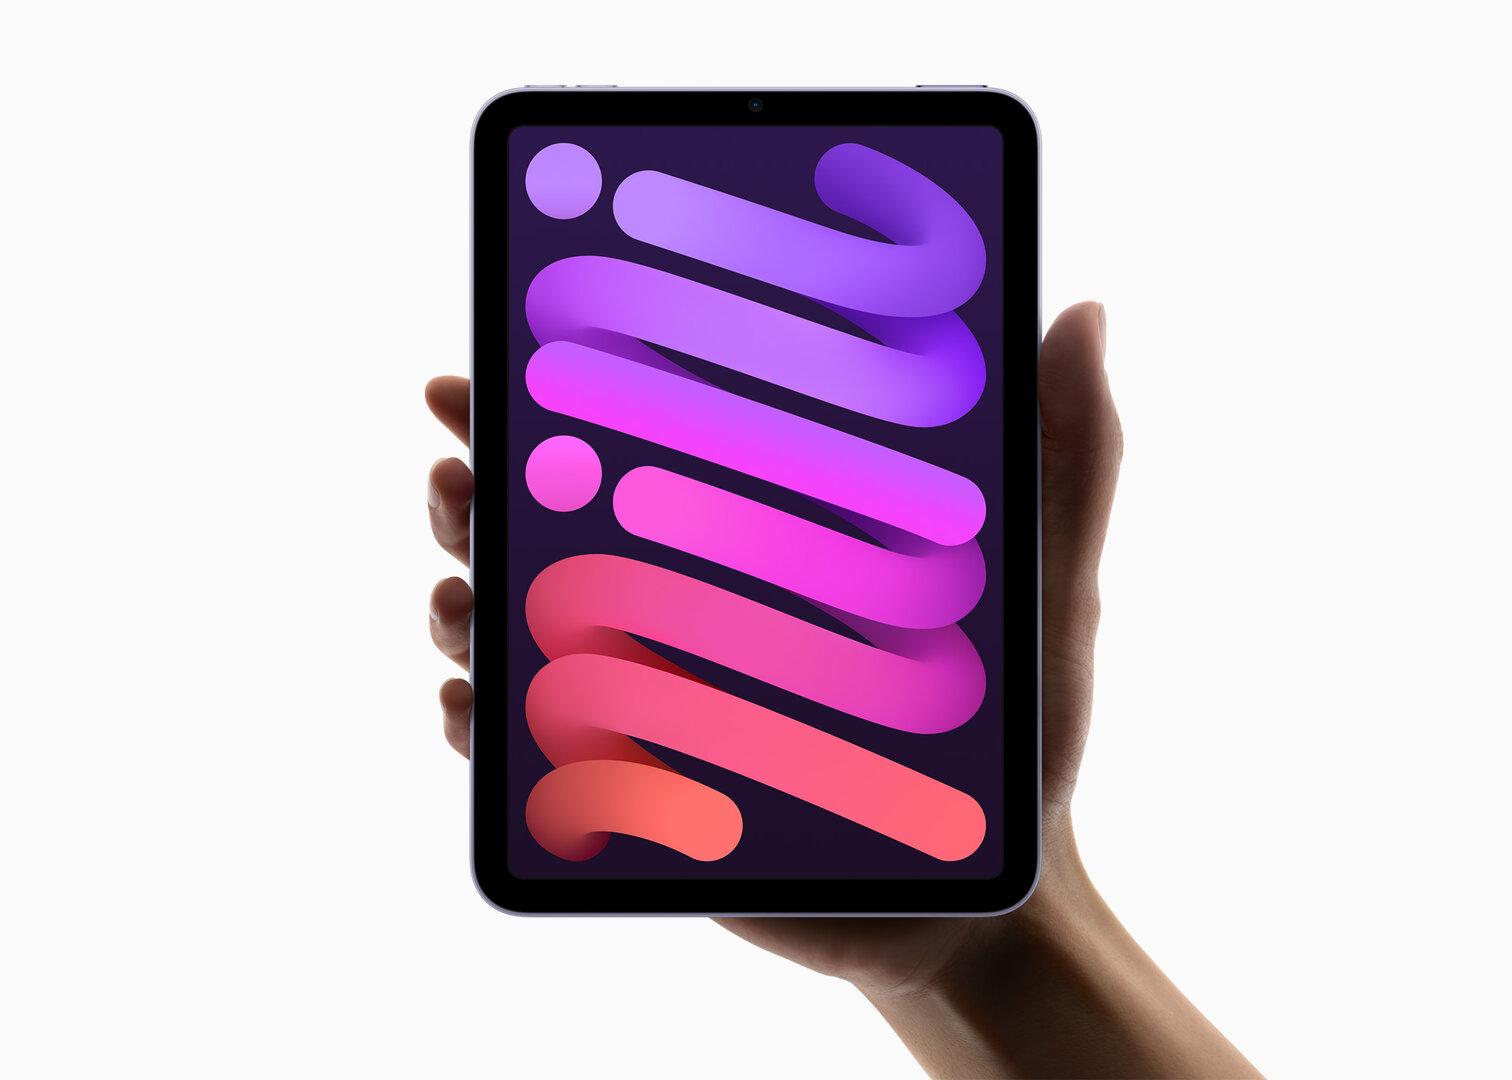 Das neue iPad mini (2021) der 6. Generation mit iPhone-13-SoC